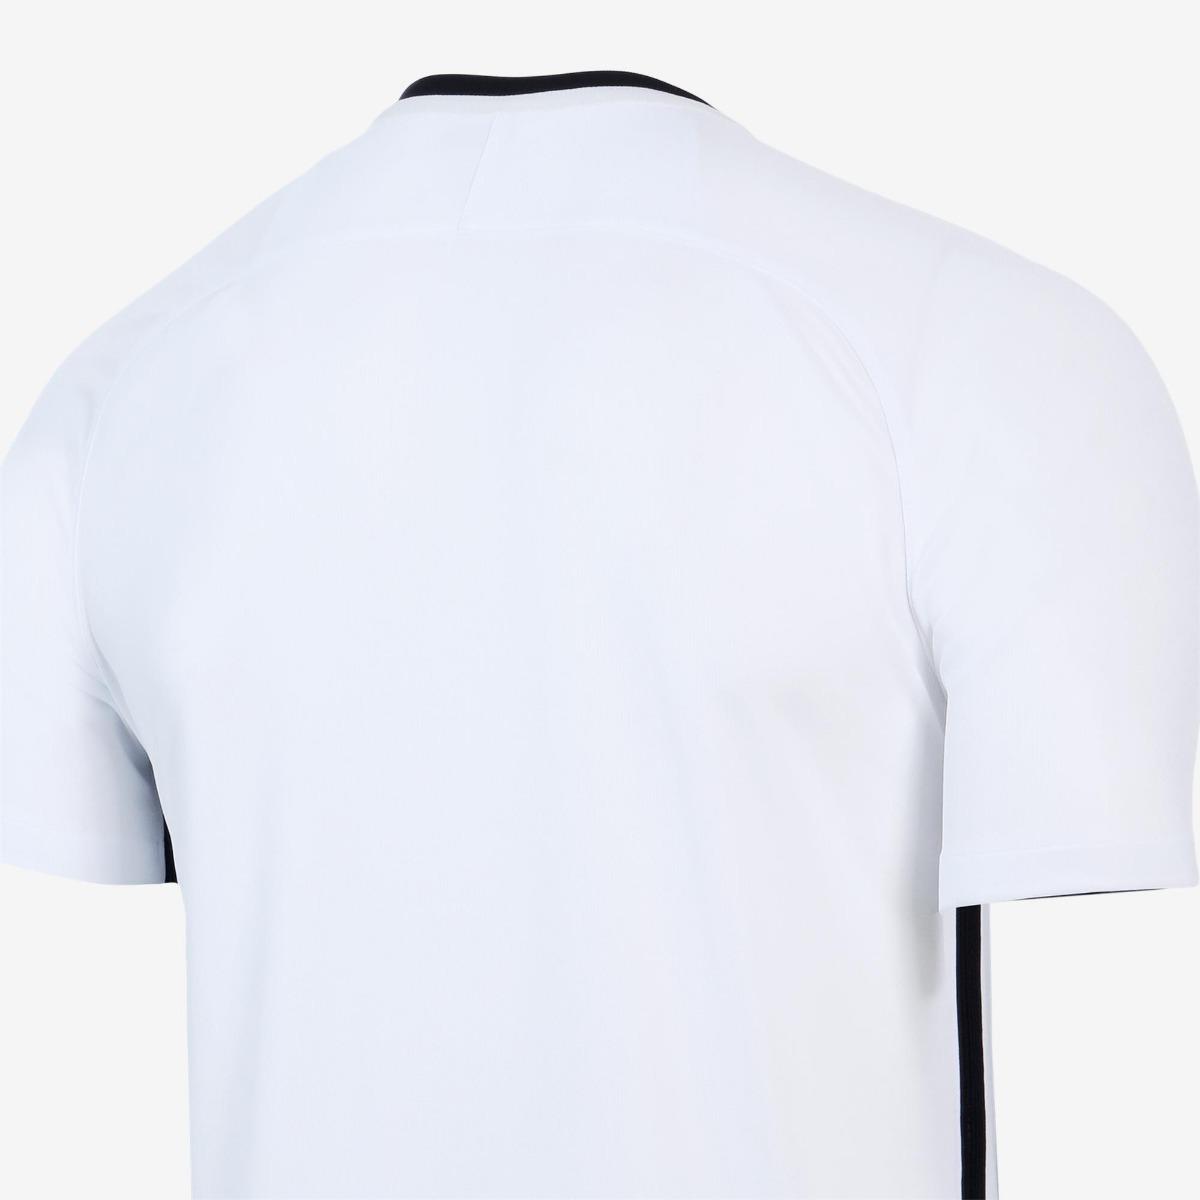 6bed2f09ea90e camiseta camisa sccp corinthians timão super promoção. Carregando zoom.